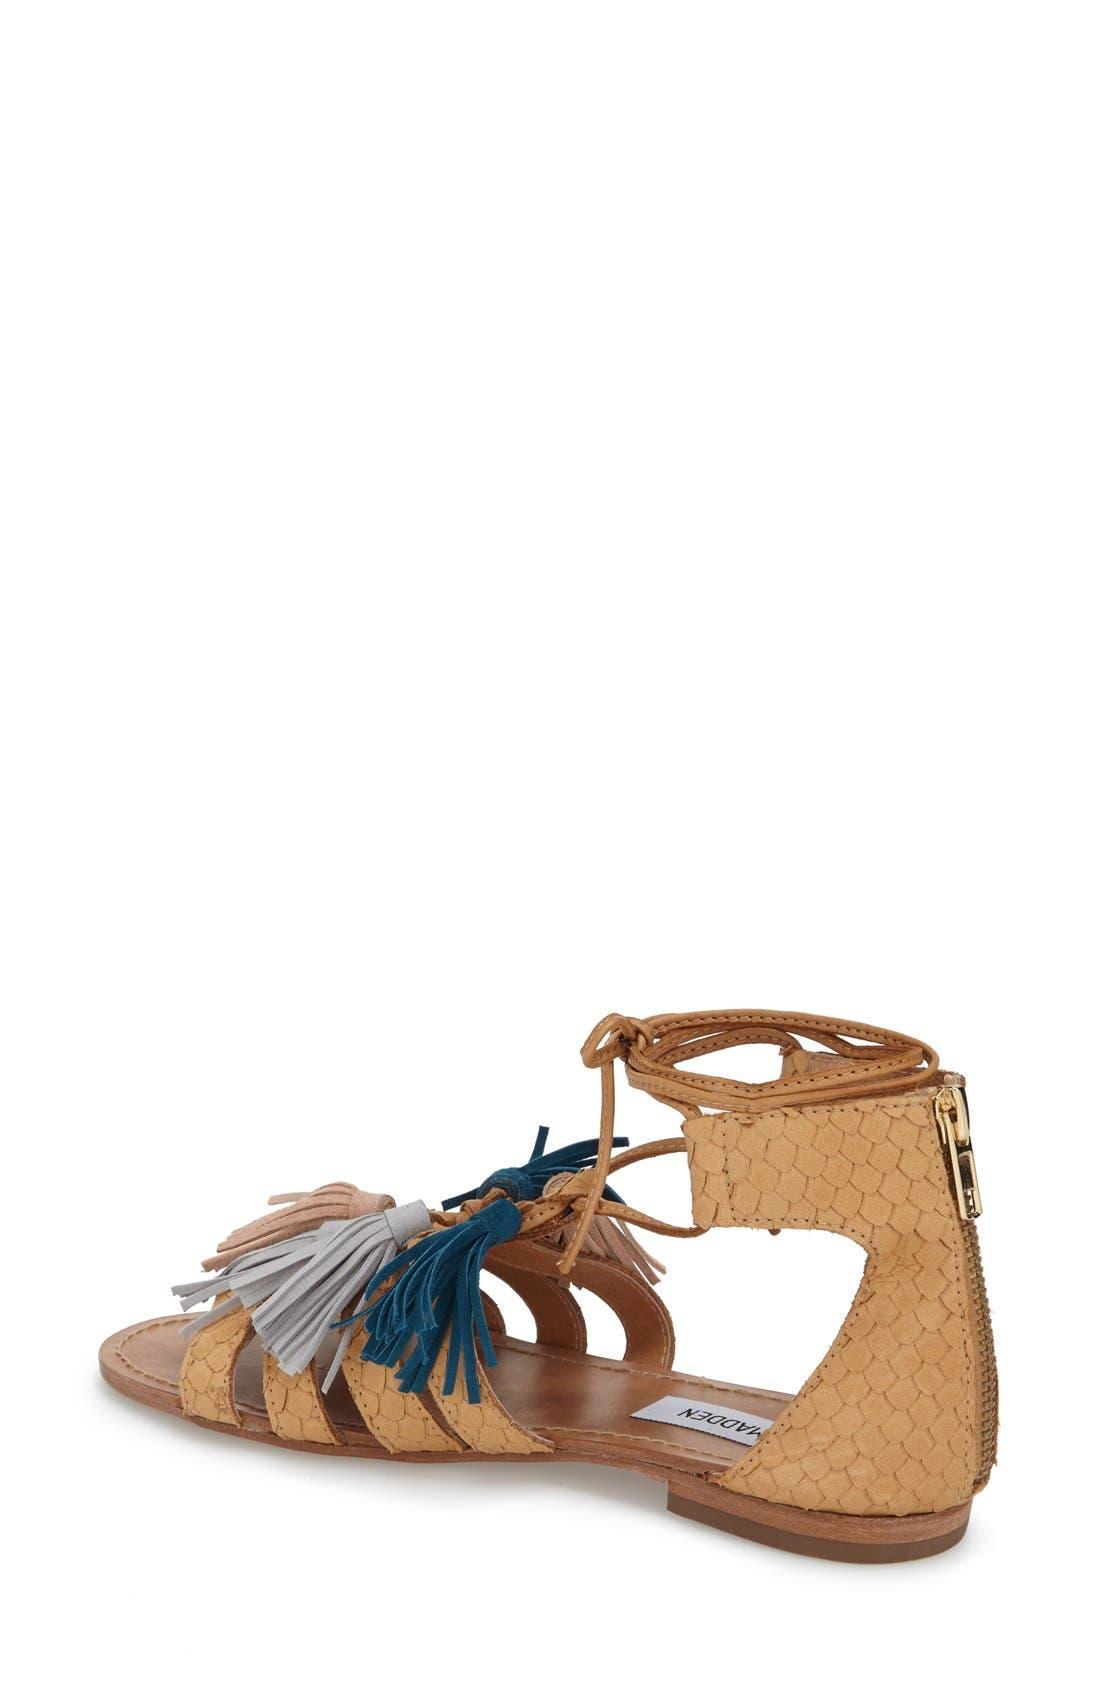 Alternate Image 2  - Steve Madden 'Monrowe' Tassel Sandal (Women)